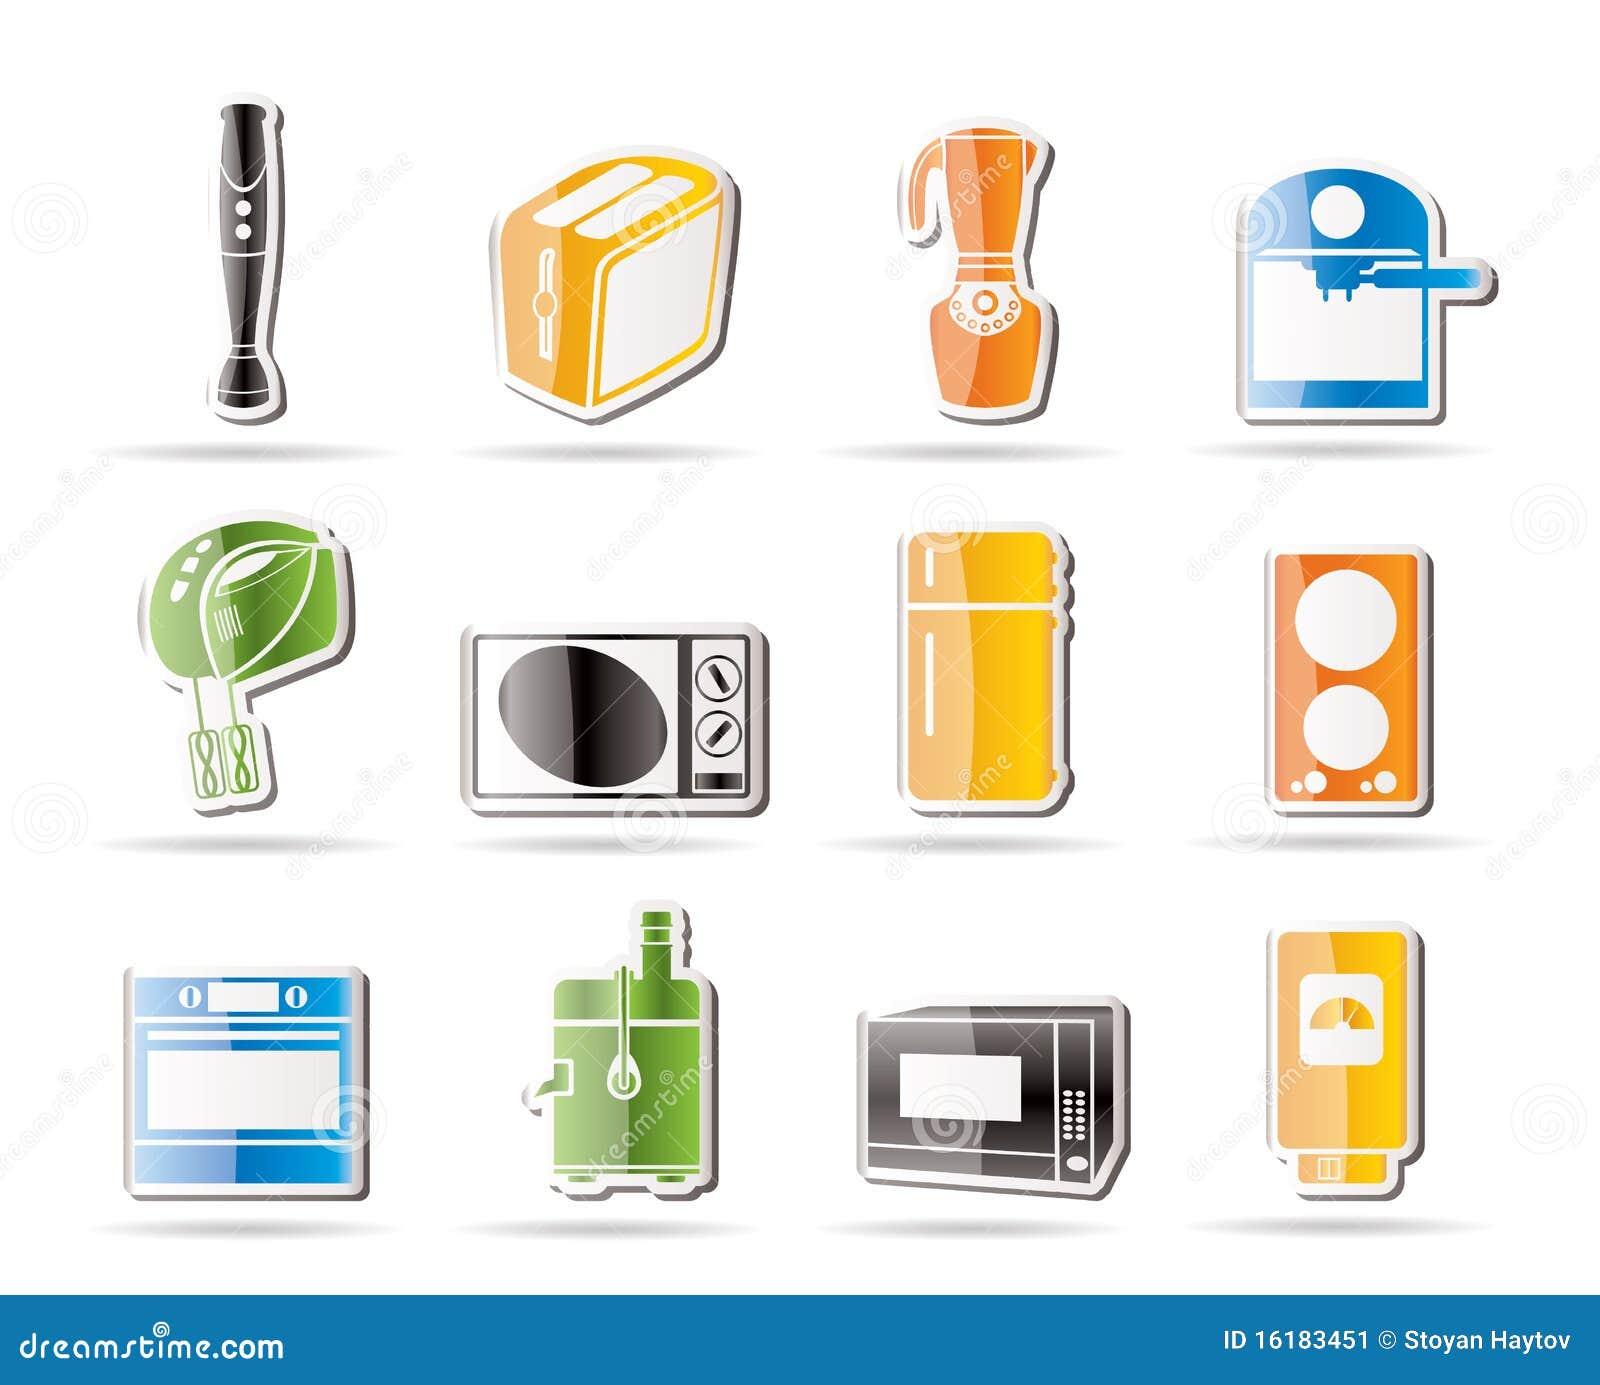 Iconos simples del cocina y caseros del equipo imagen de for Equipo manual de cocina